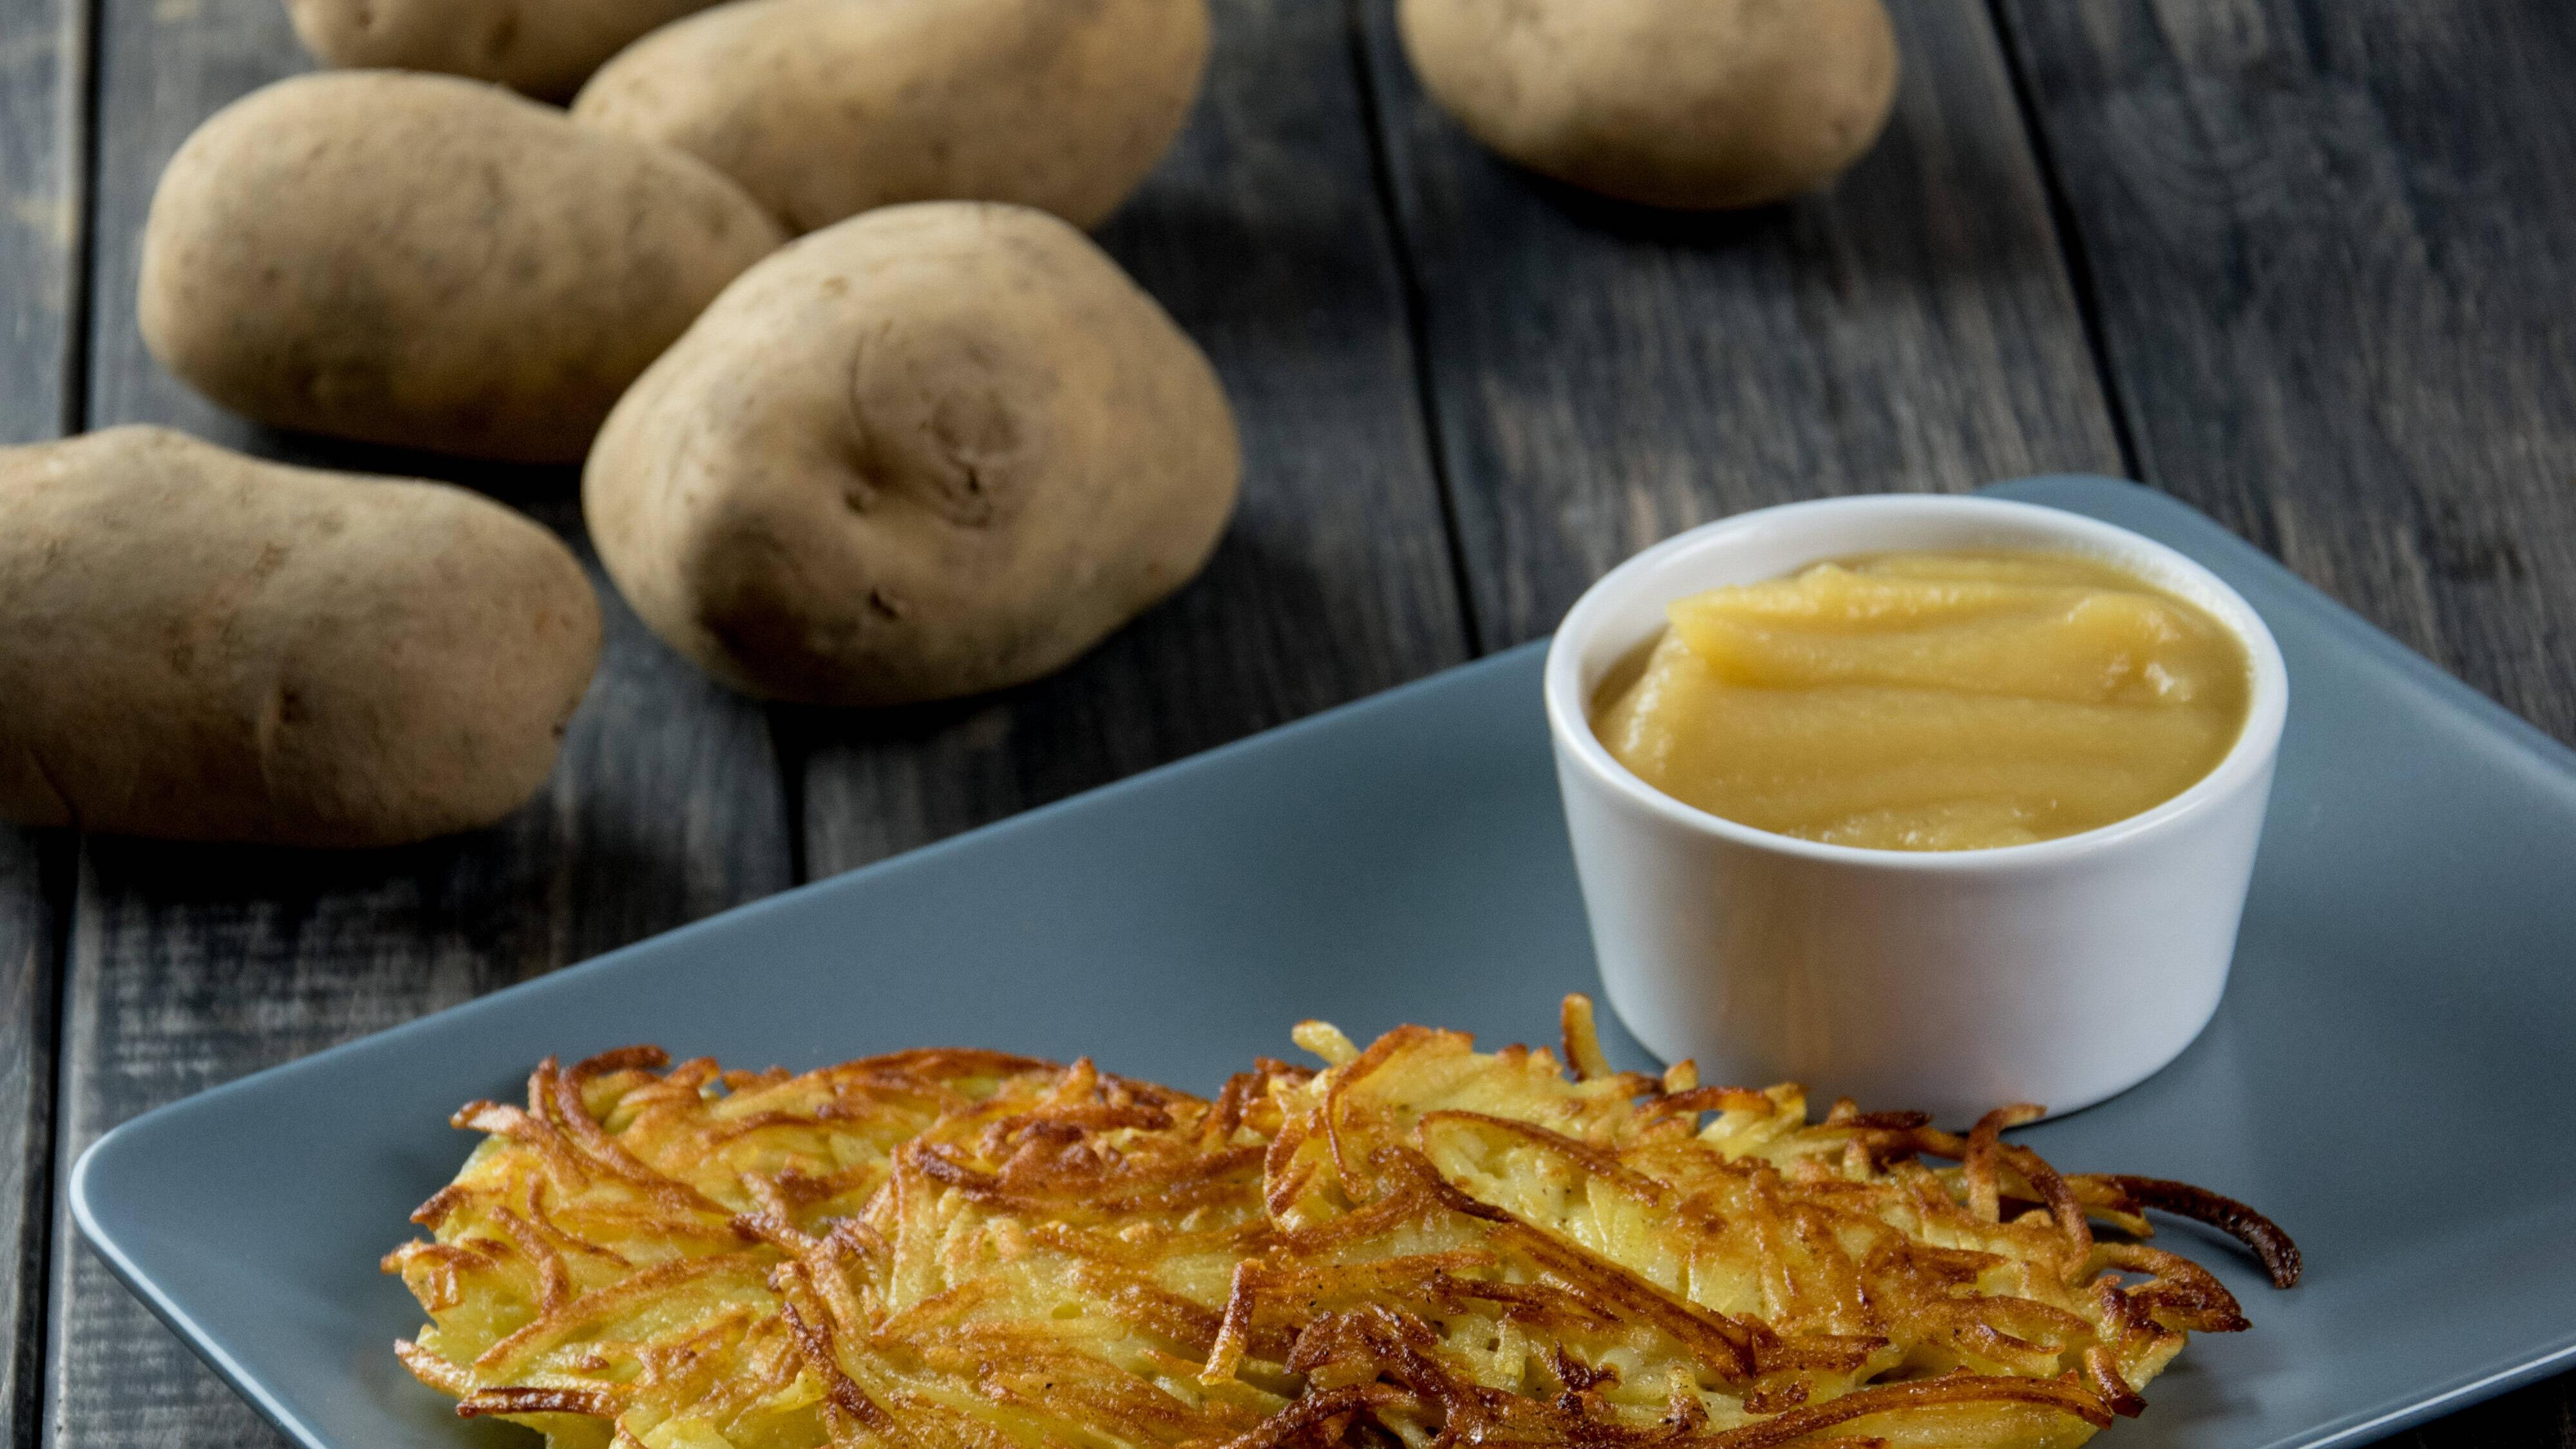 Vegane Kartoffelpuffer ohne Ei schmecken gut mit Apfelmus.